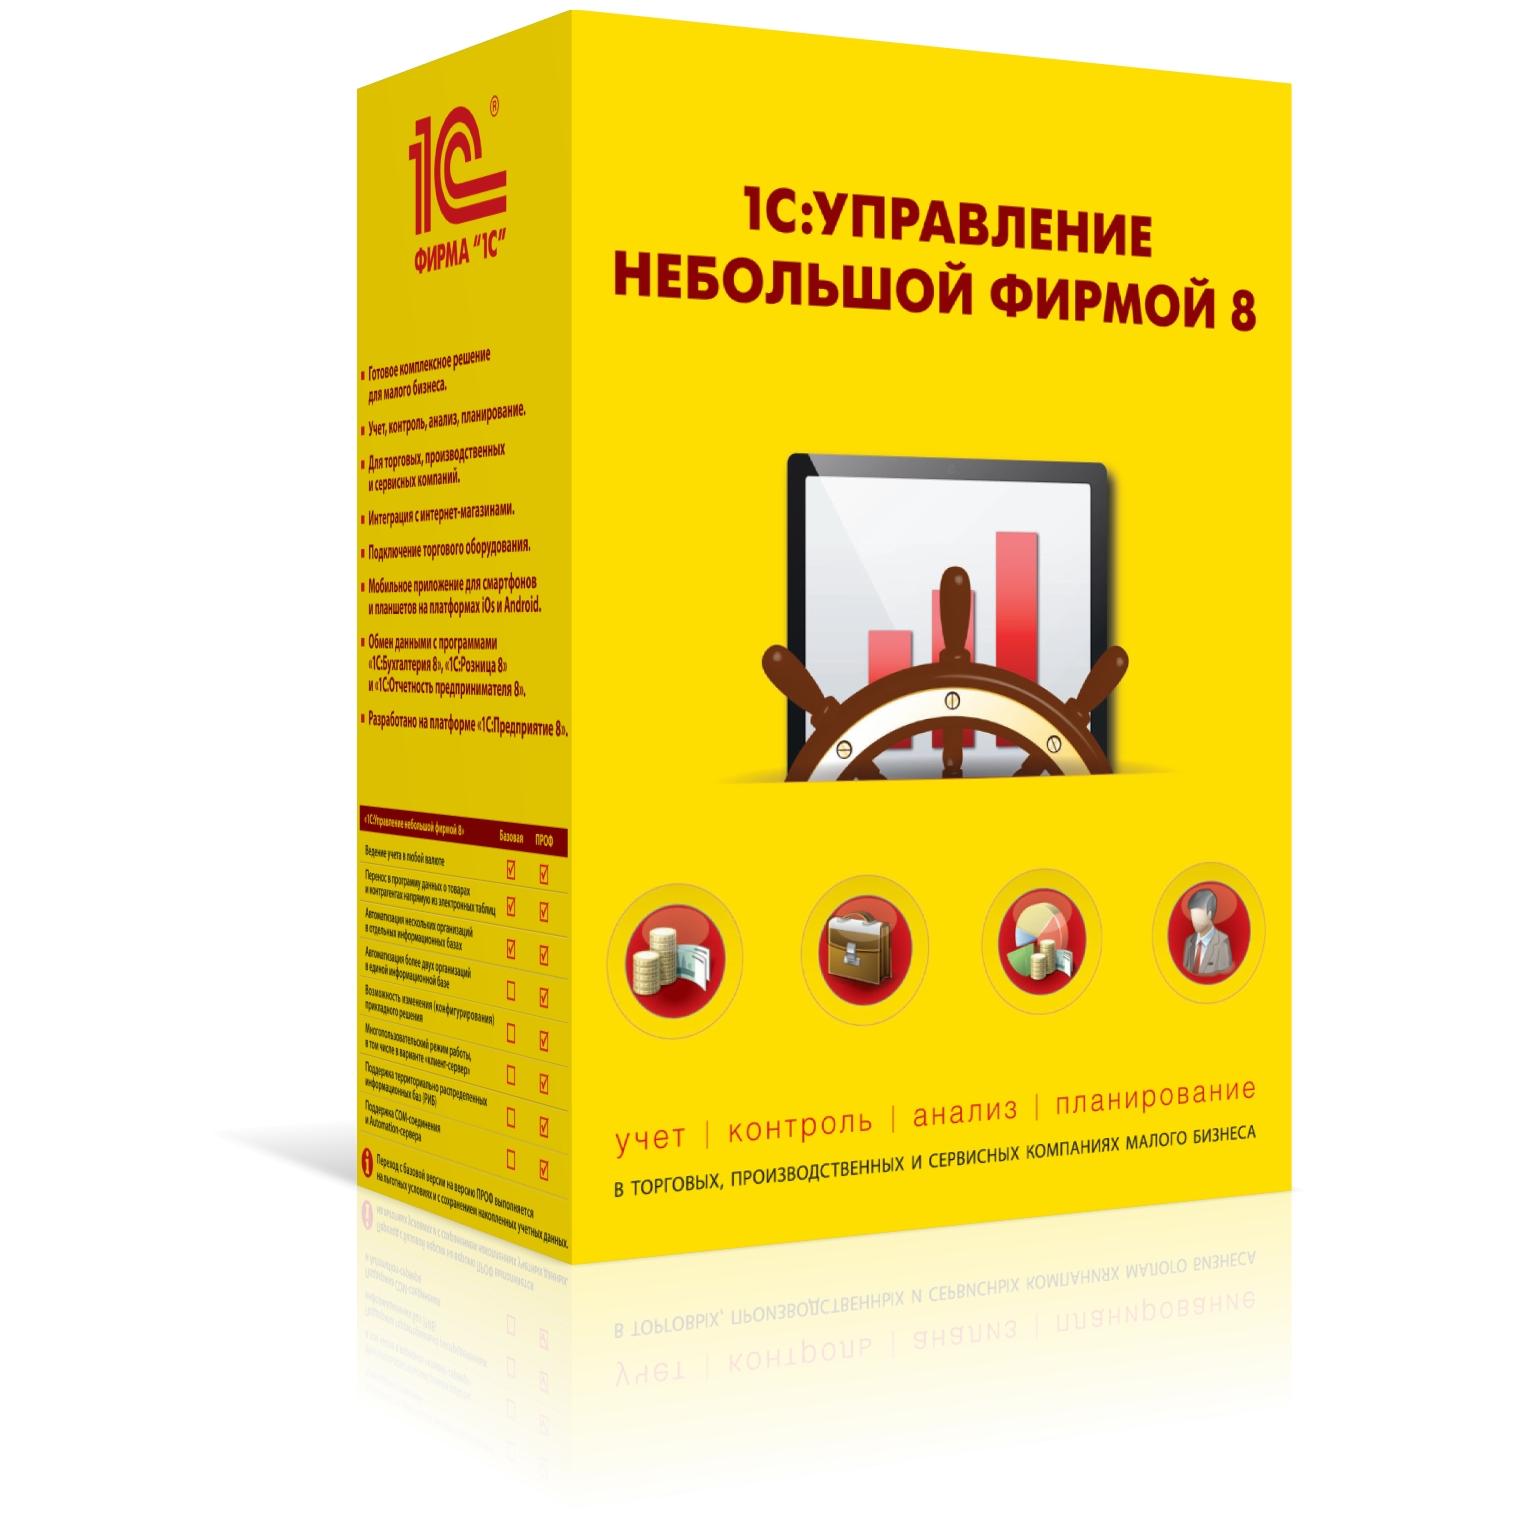 1С Для Казахстана Торрент